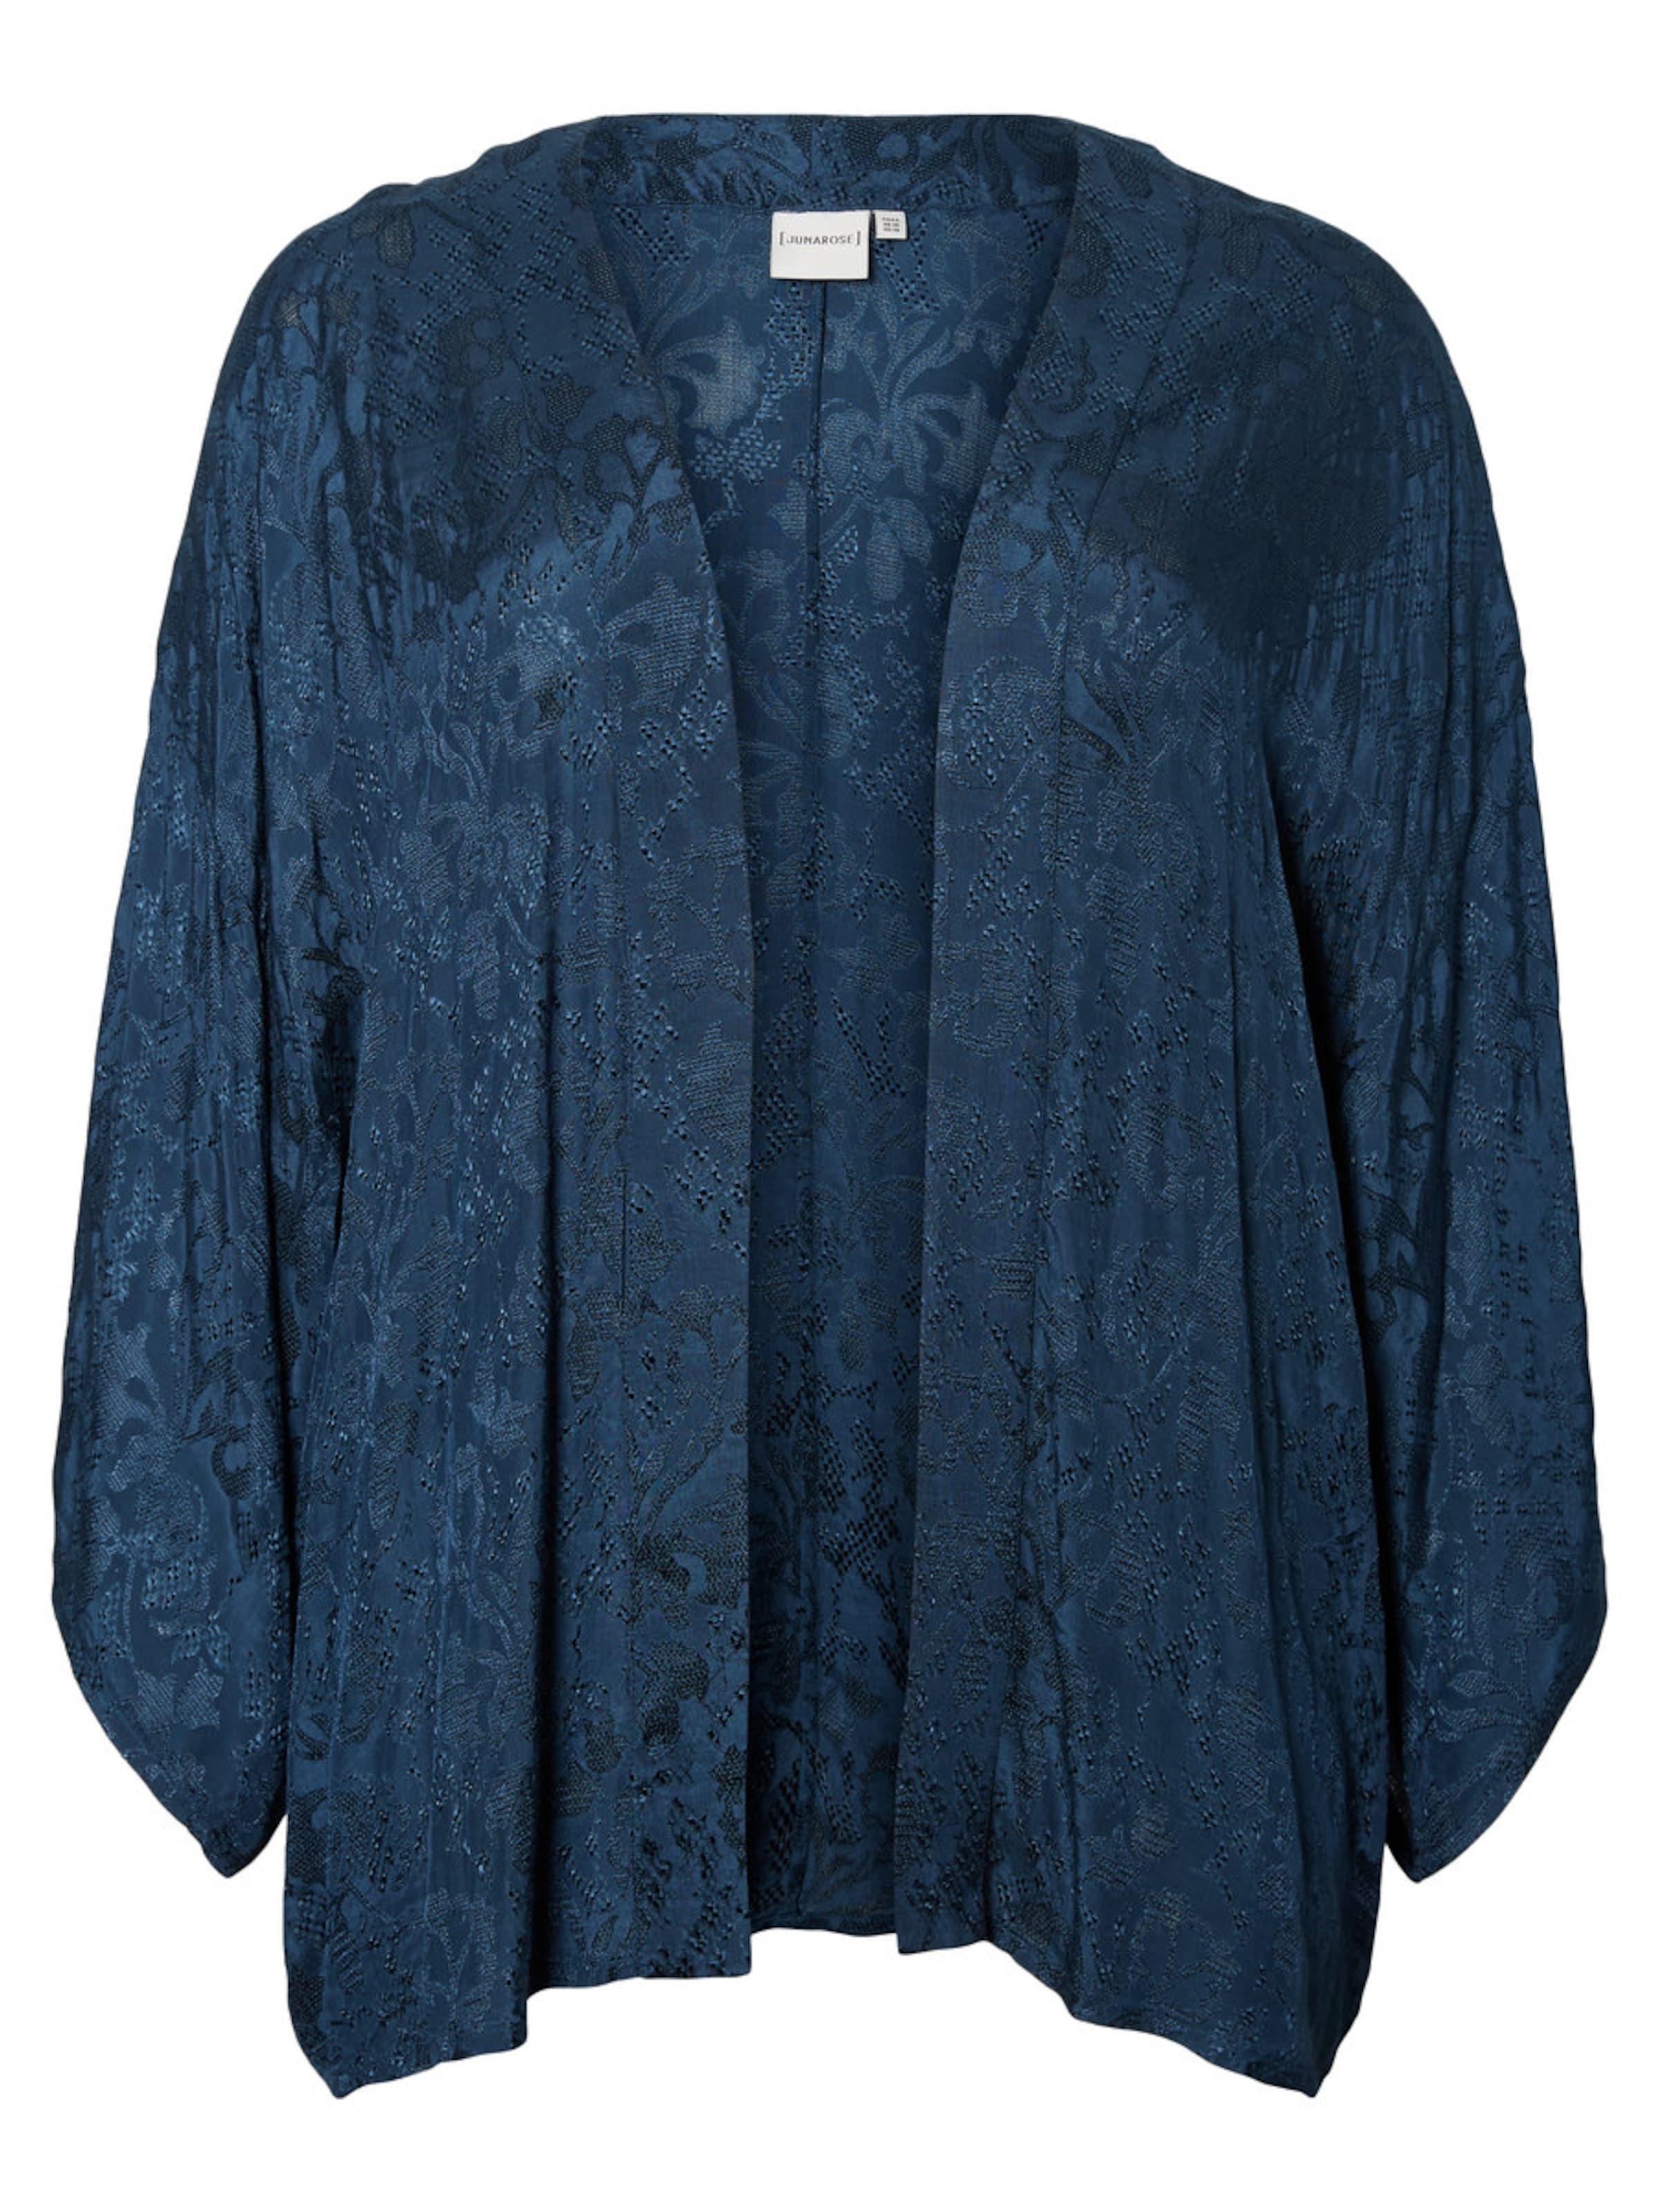 Kobaltblau Kobaltblau In Kobaltblau In Kimono Kimono Kimono Junarose Junarose In Kimono Junarose Junarose In qpzVGSMU